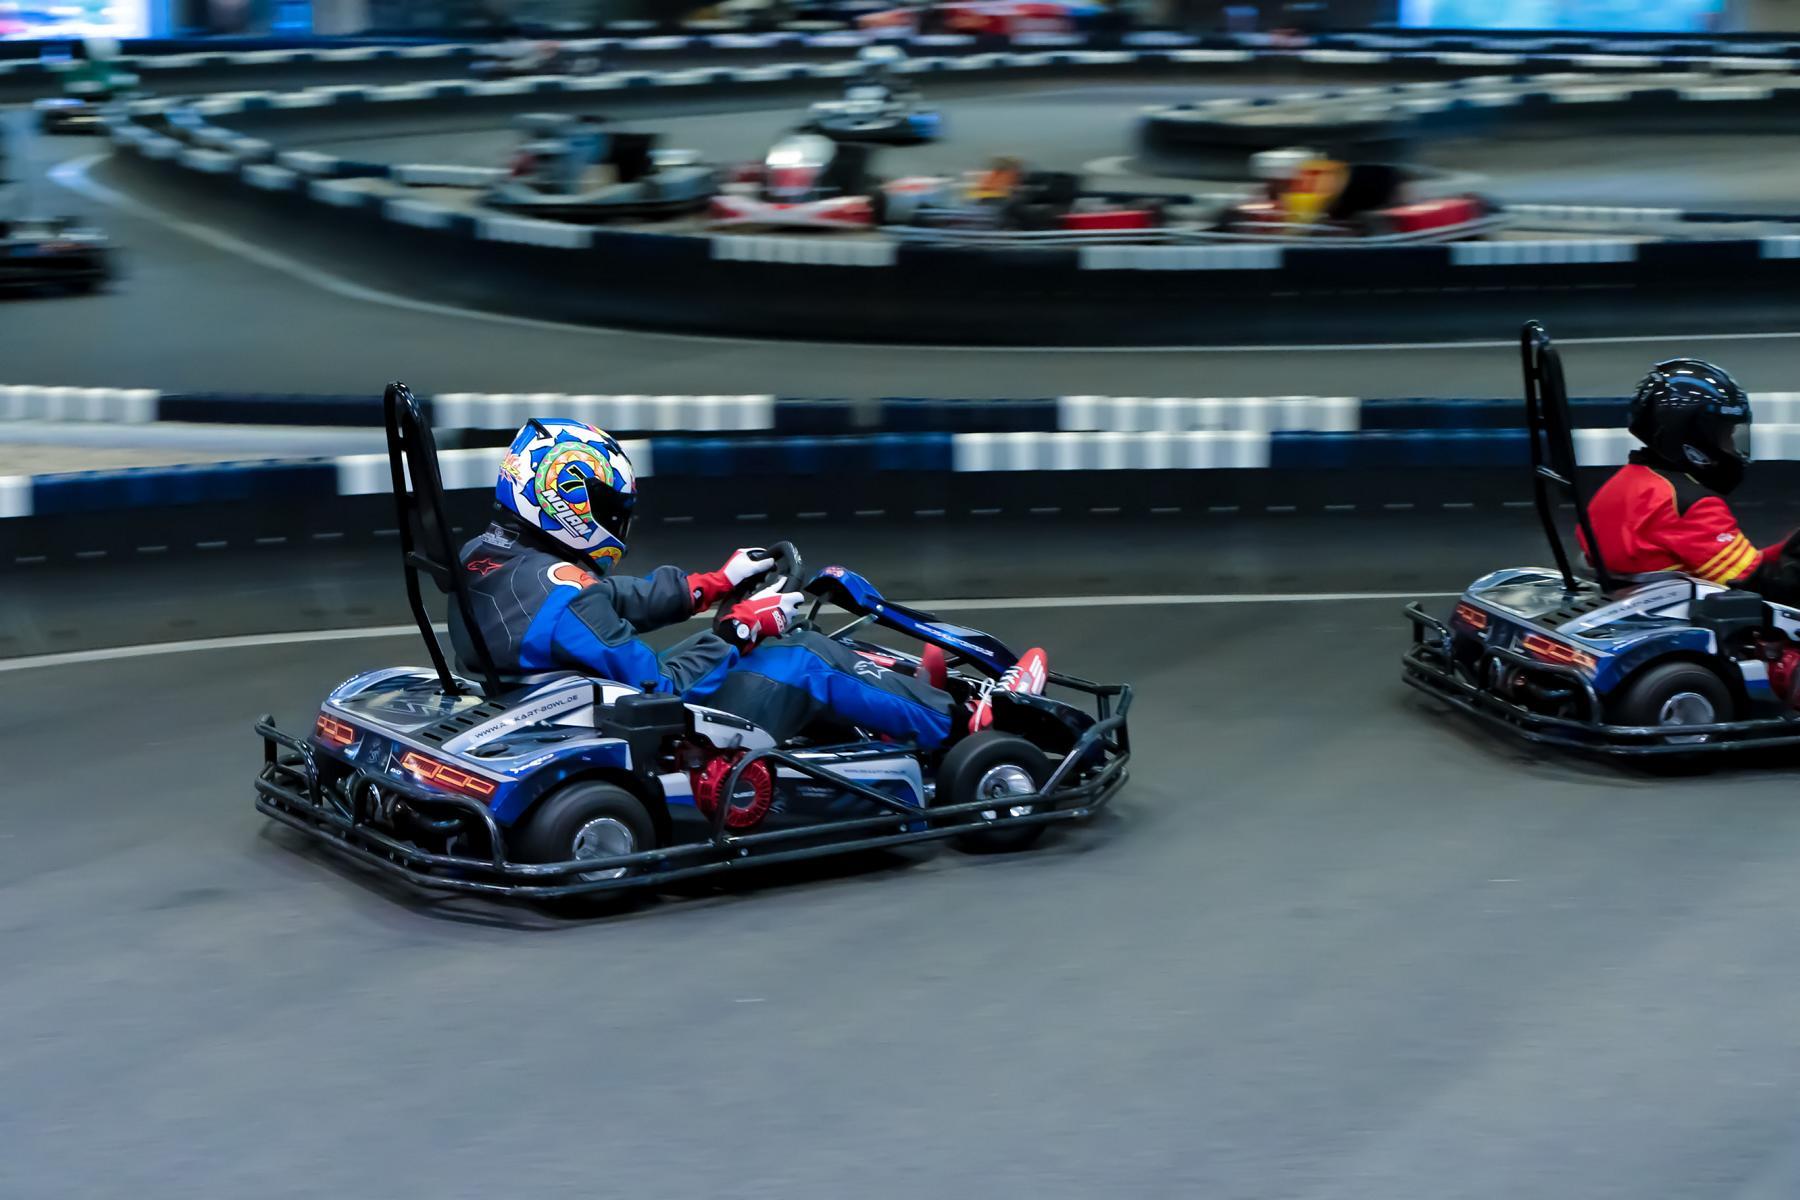 rs-kartcenter-kart-indoor-1-min.JPG